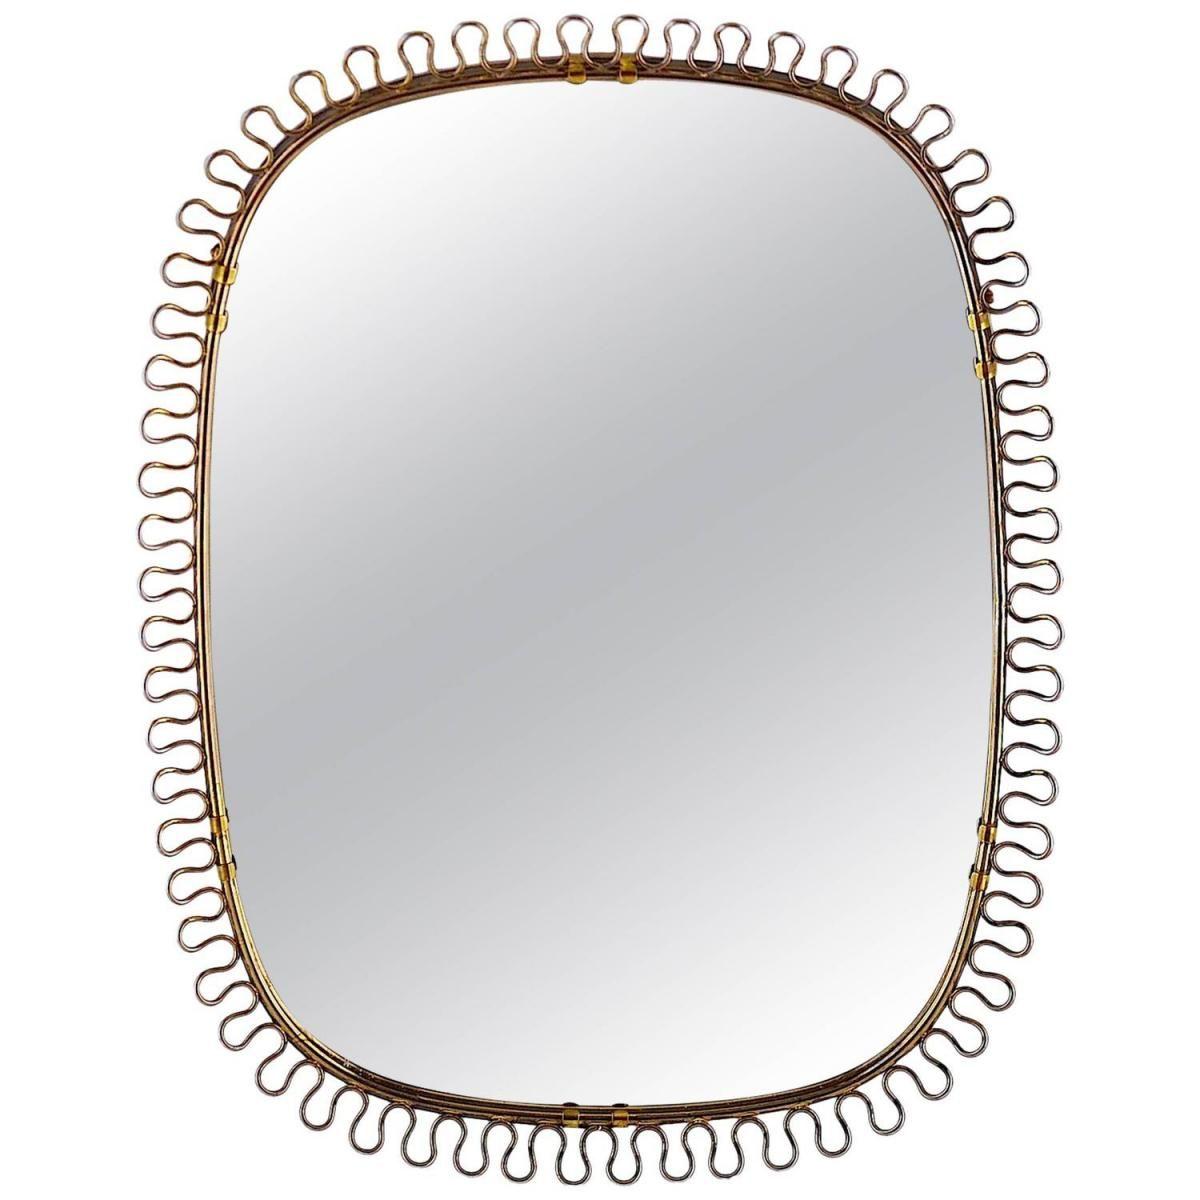 messing spiegel | designer möbel | messing beistelltisch ... - Spiegel Modern